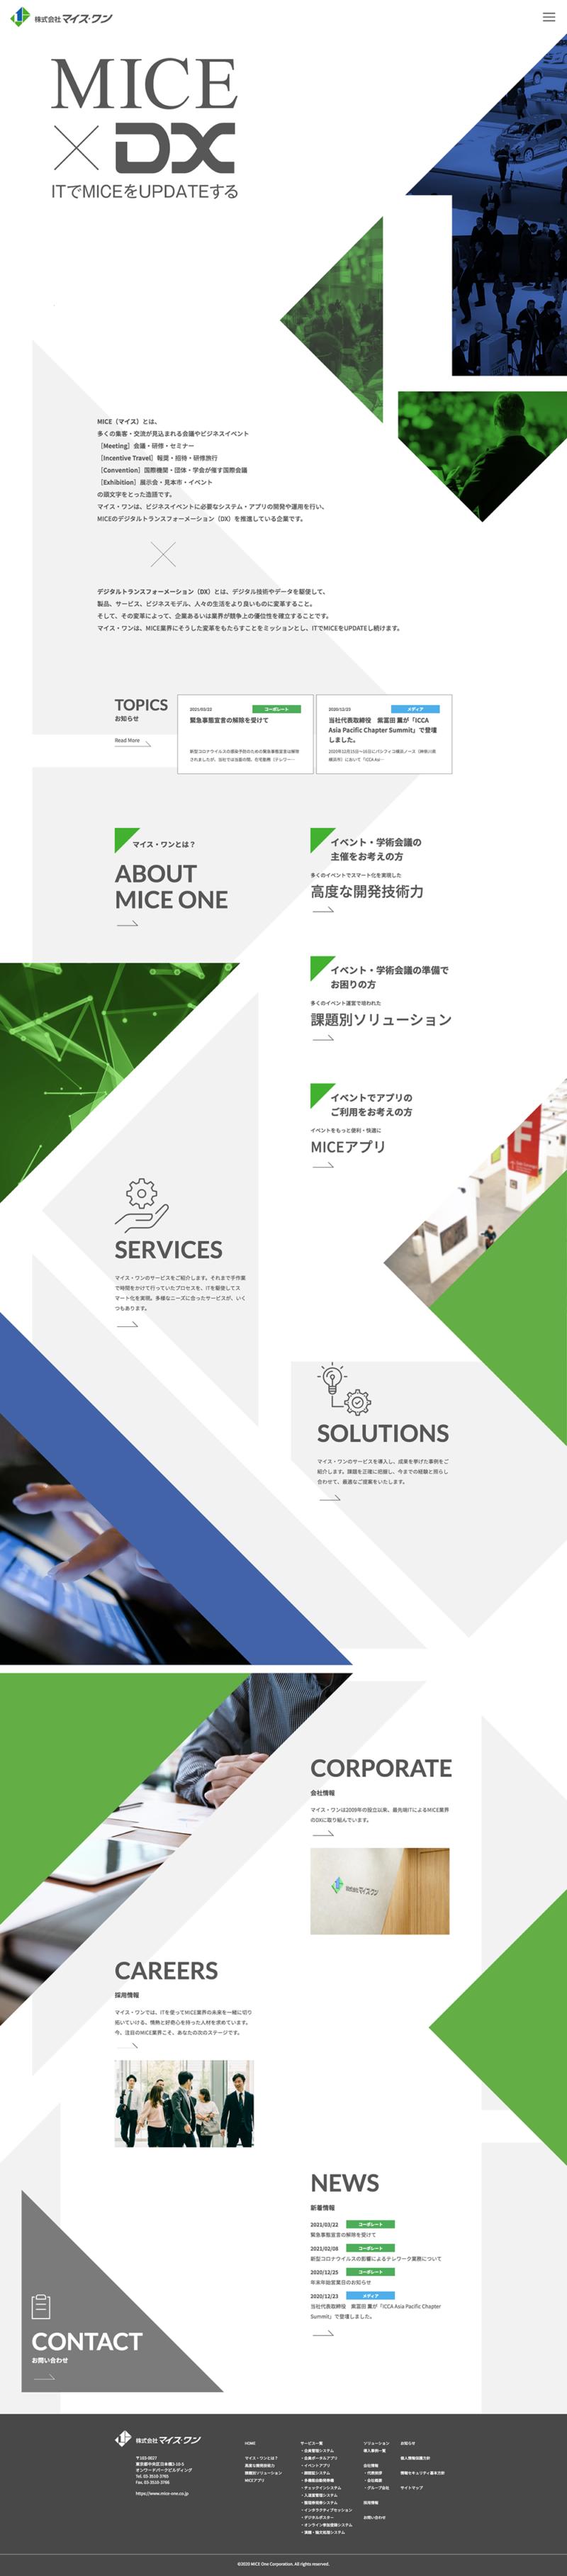 株式会社マイス・ワン様|コーポレートサイトTOP